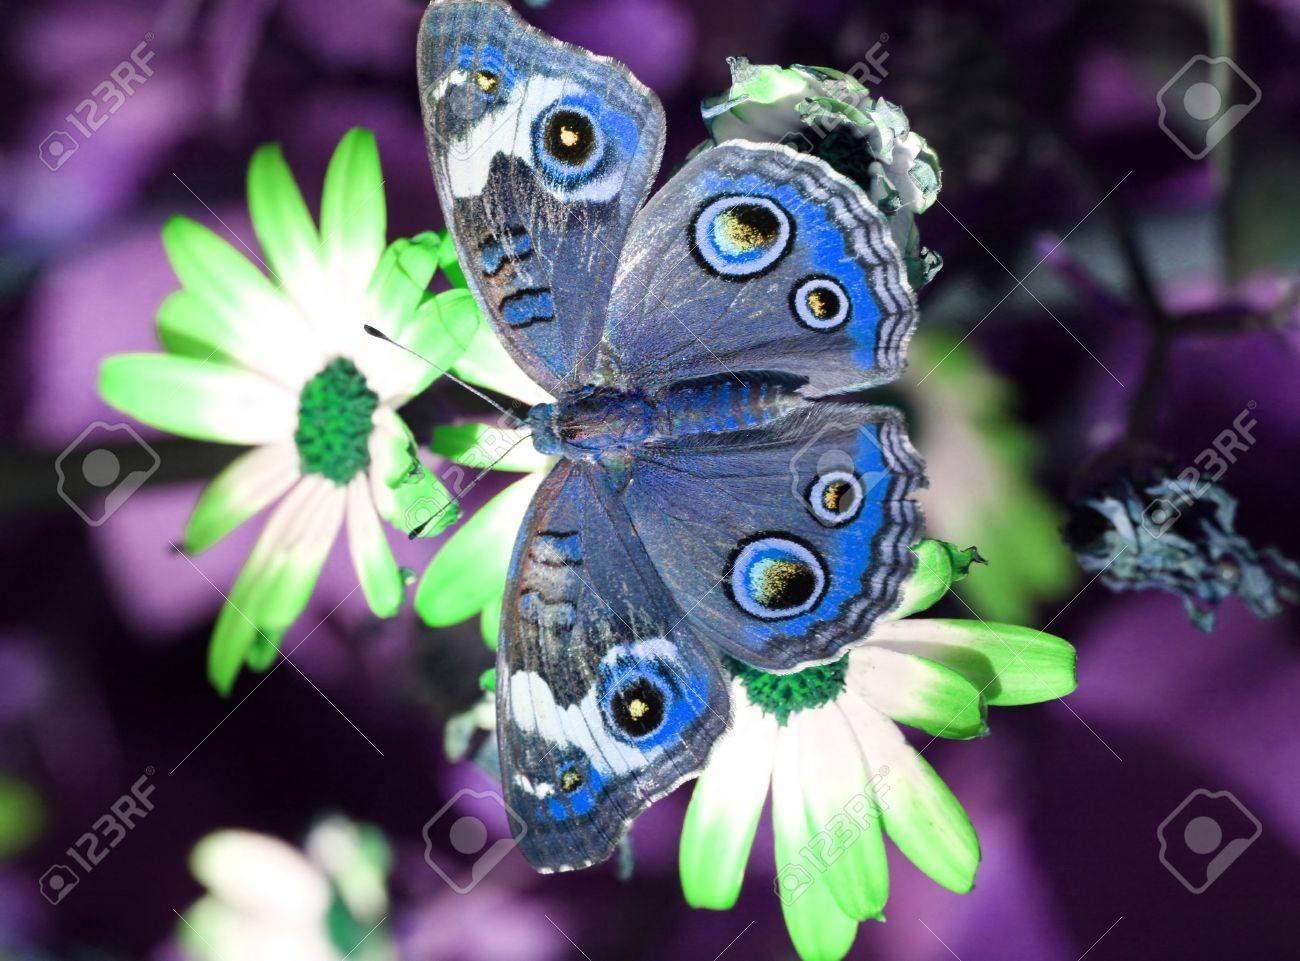 A beautiful buckeye butterfly Blue Buckeye Butterfly